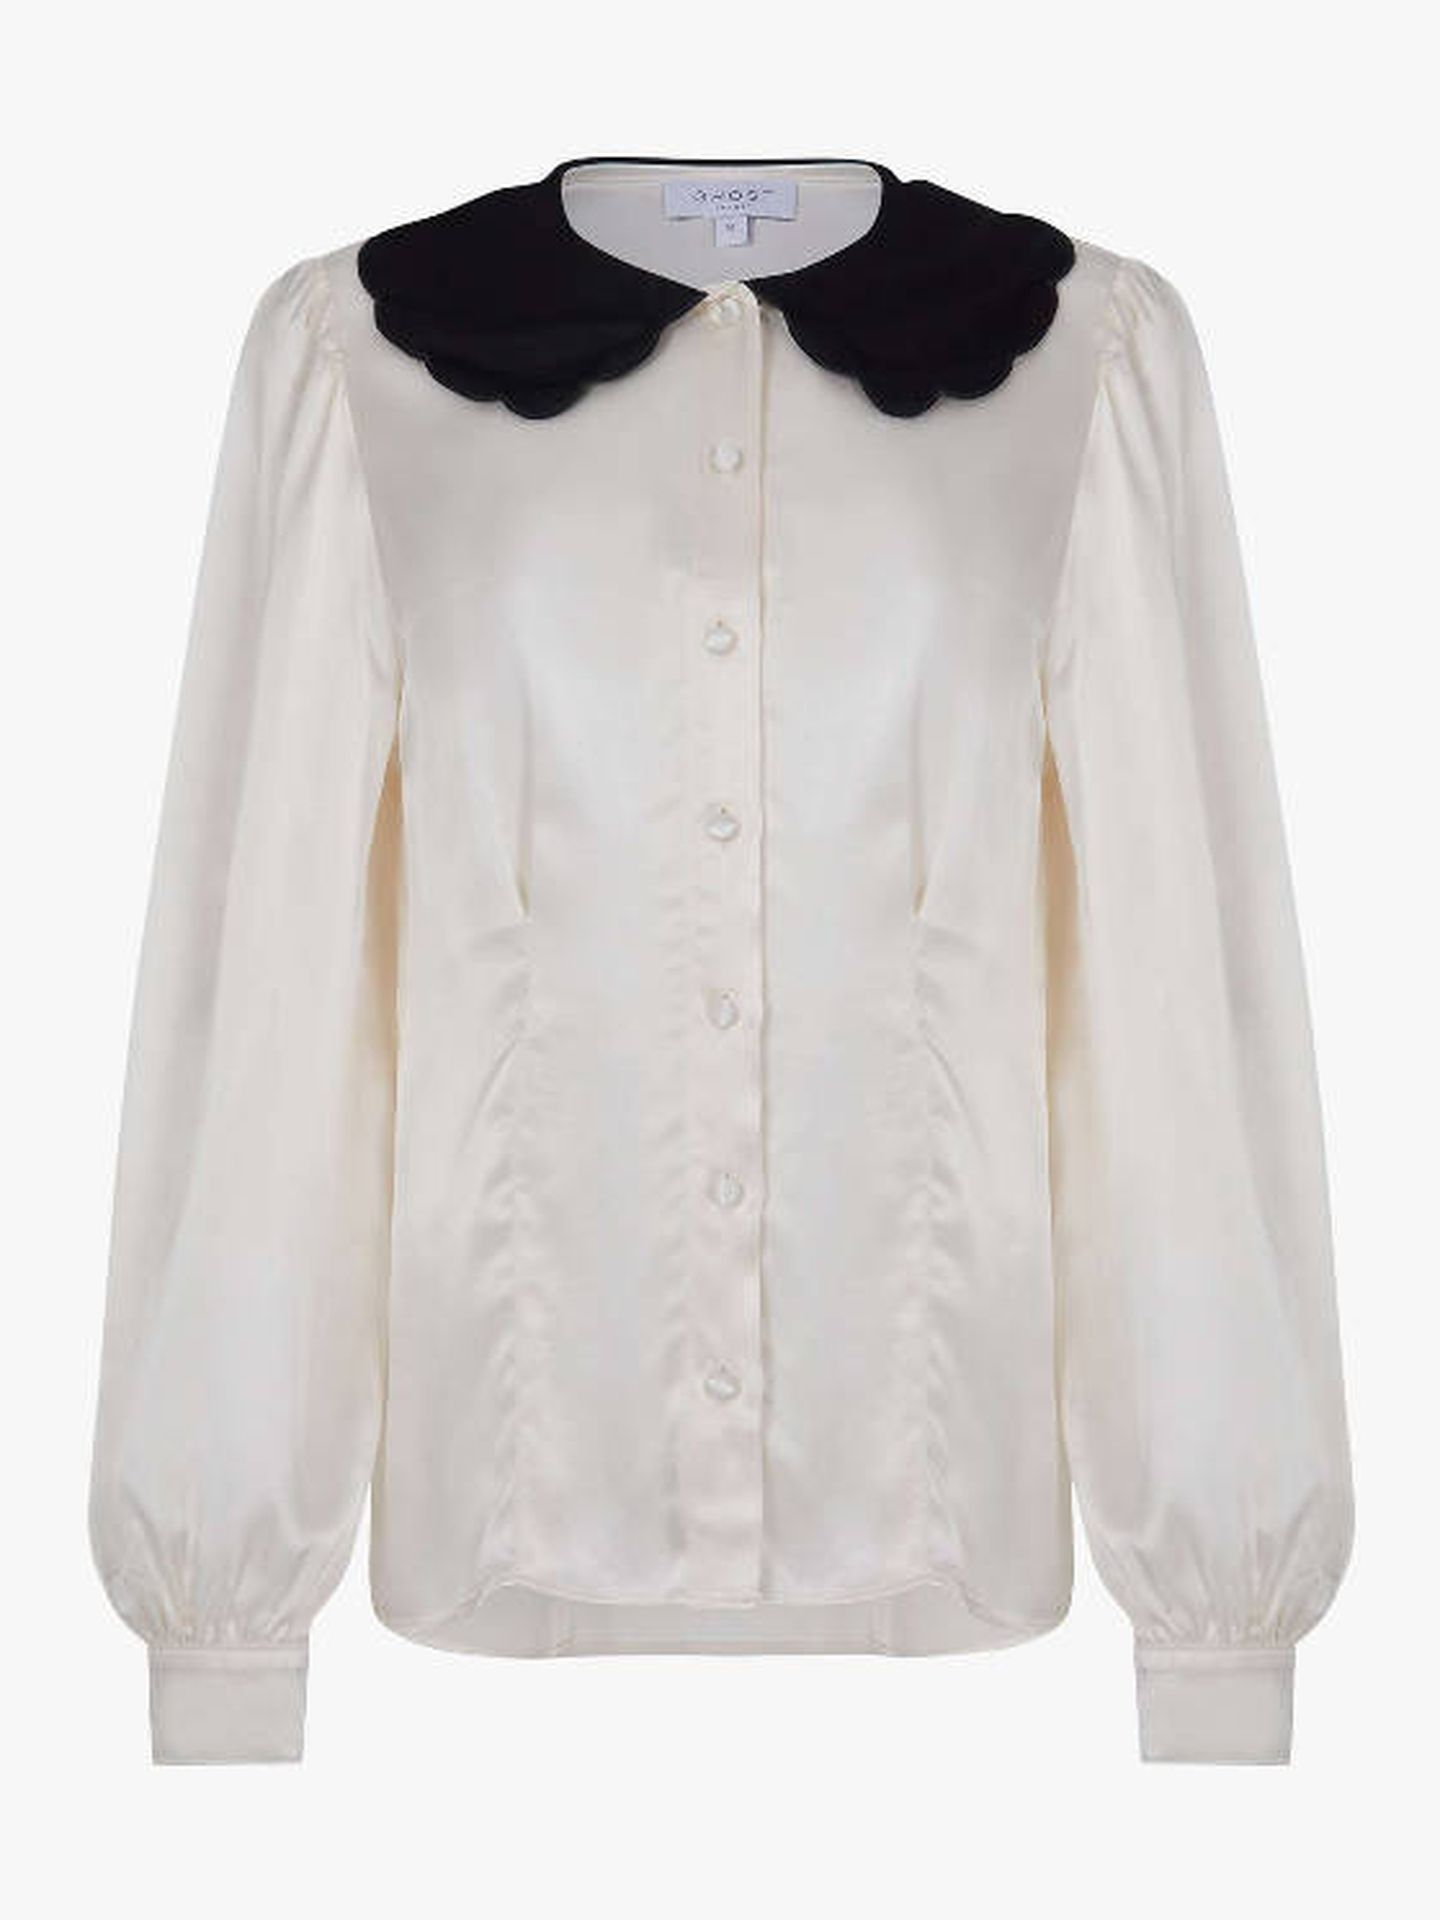 La camisa de Ghost London que luce Kate. (Cortesía)